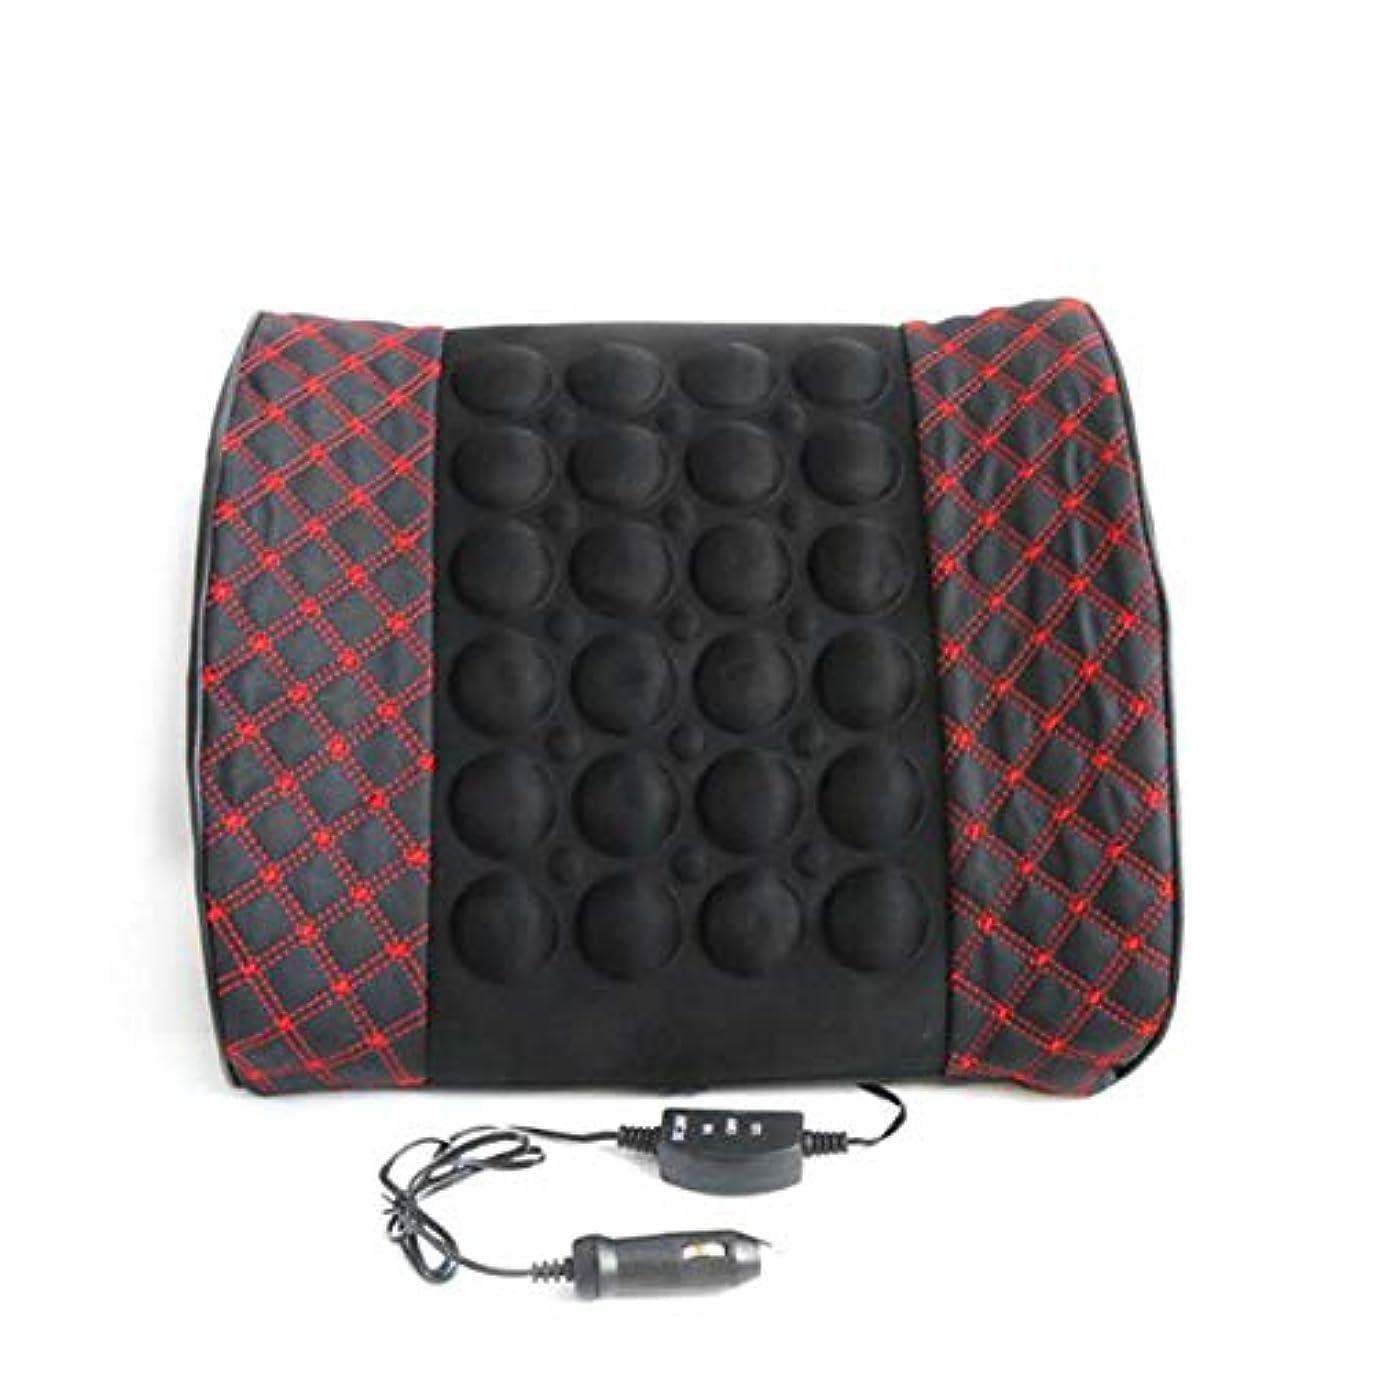 荒らす悪党写真のMicrofiber Leather Car Back Support Lumbar Posture Support Breathable Electrical Massage Cushion Health Care Tool